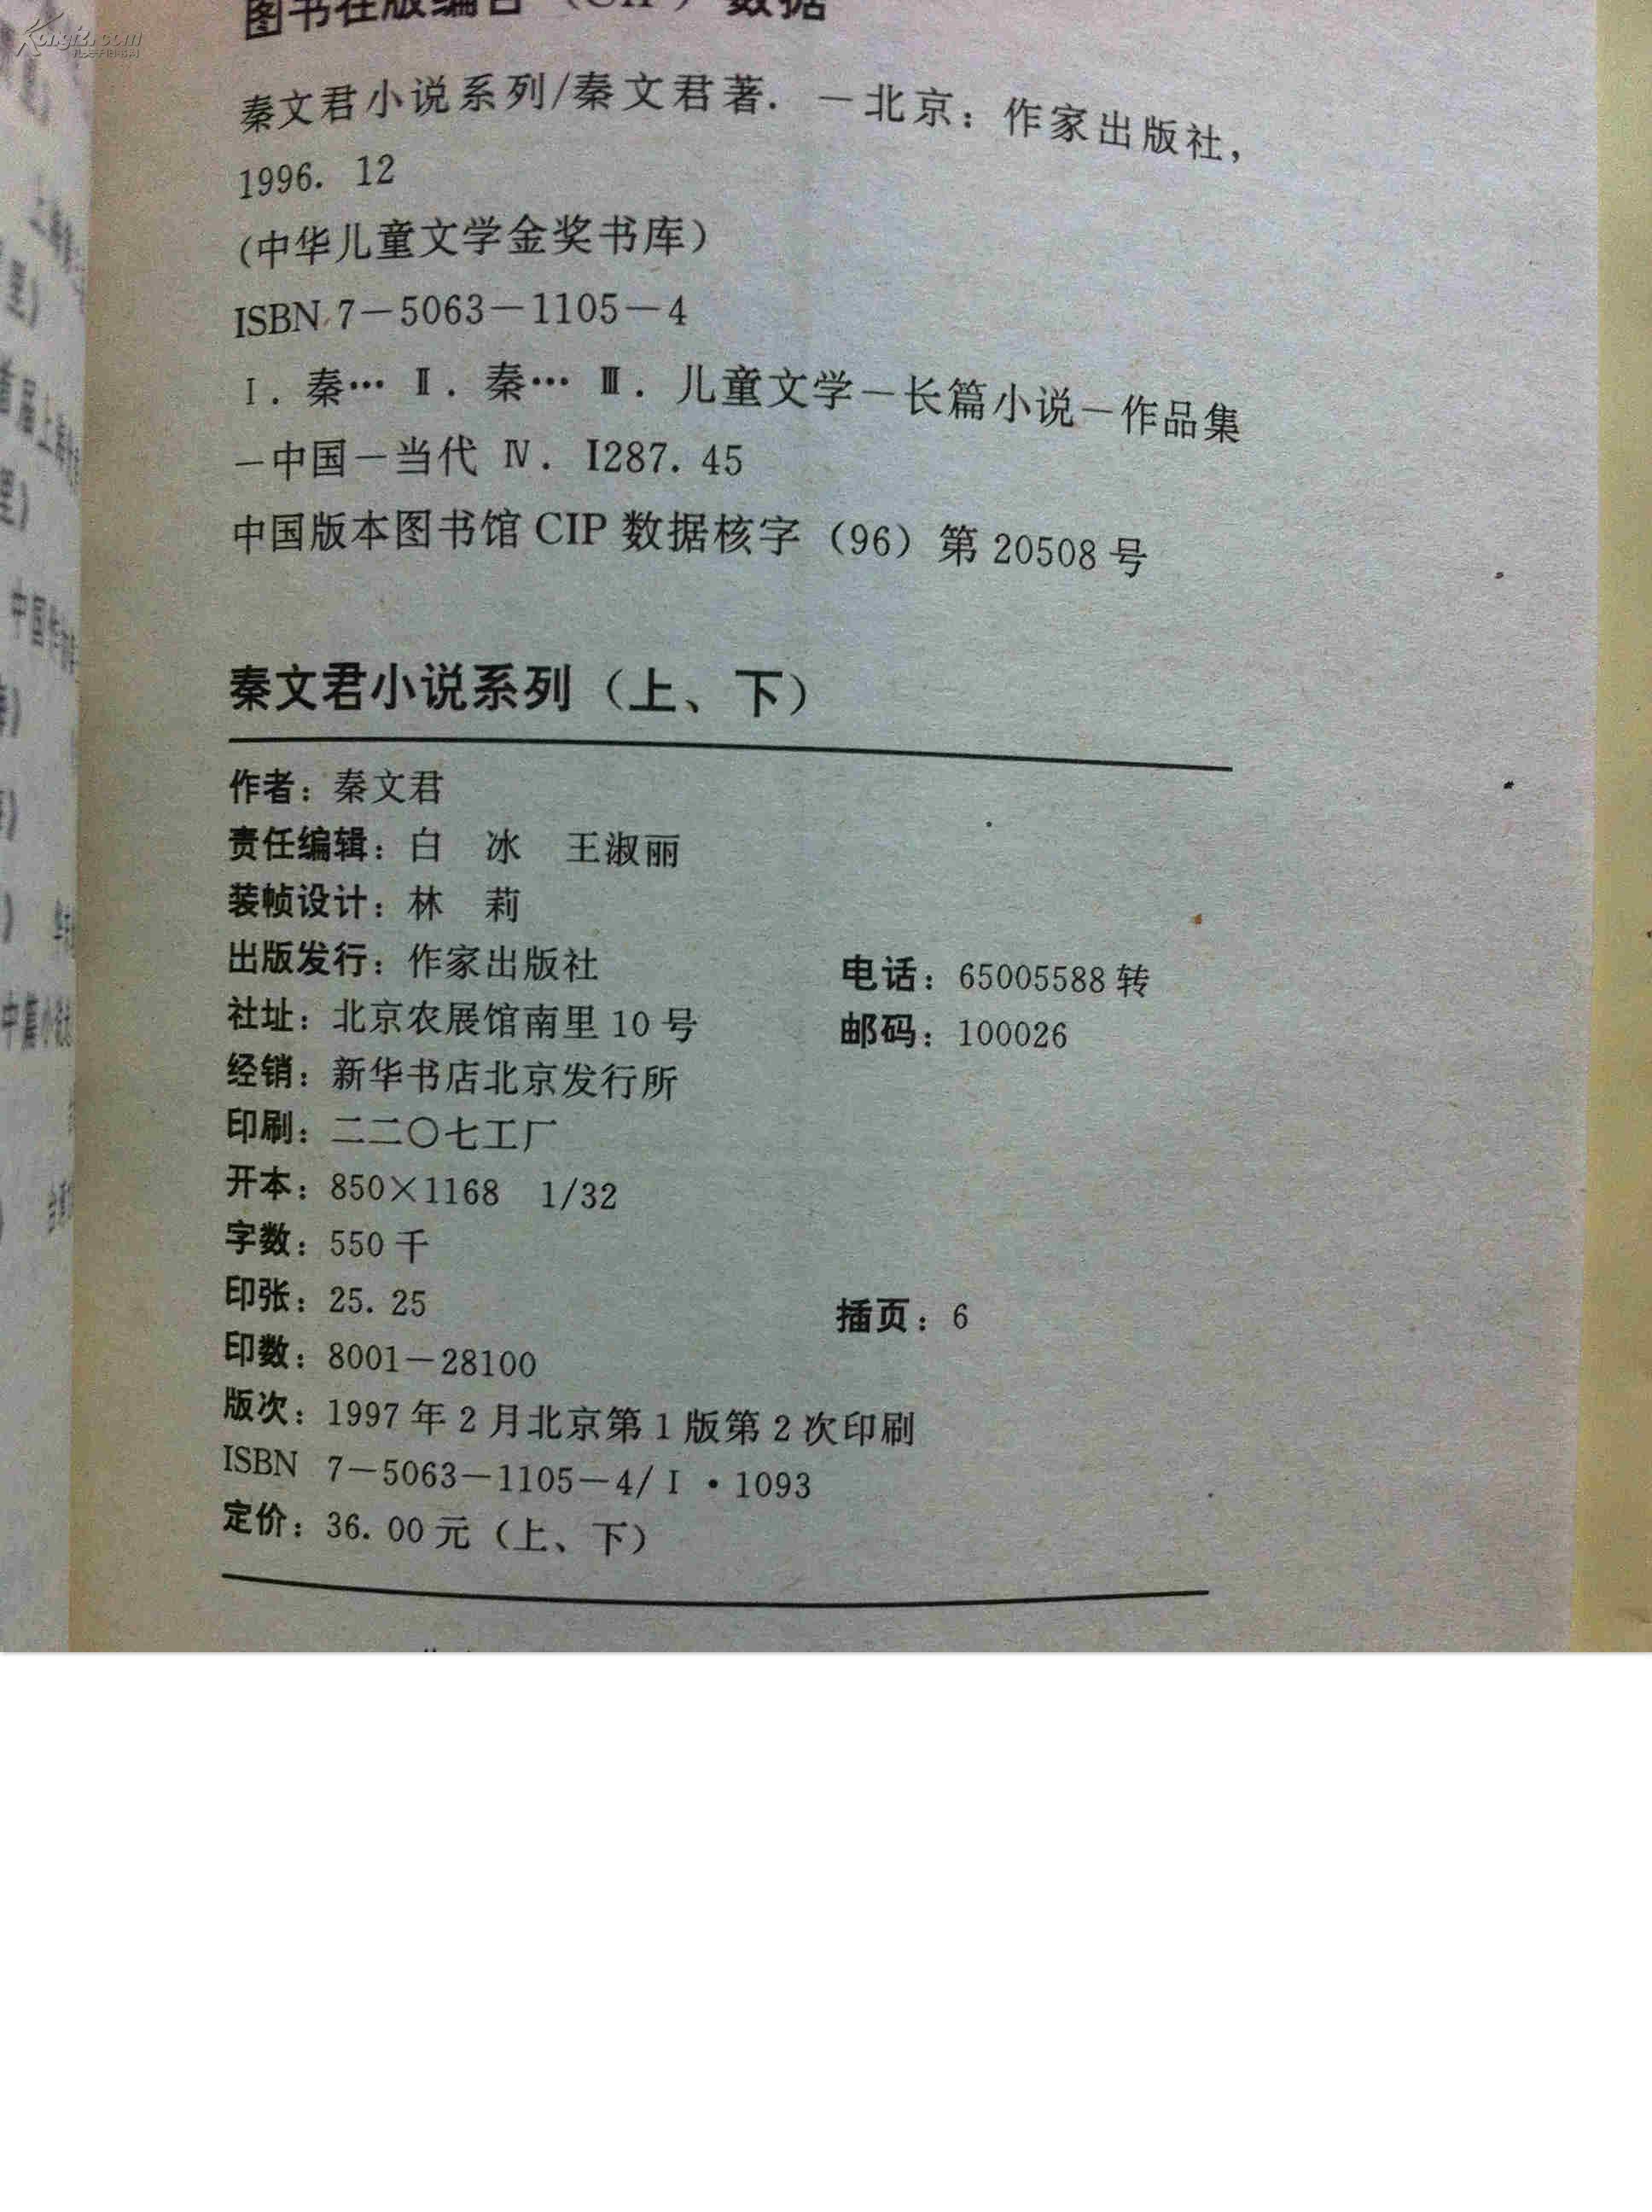 秦文君小说系列( 上下) 男生贾里 女生贾梅图片